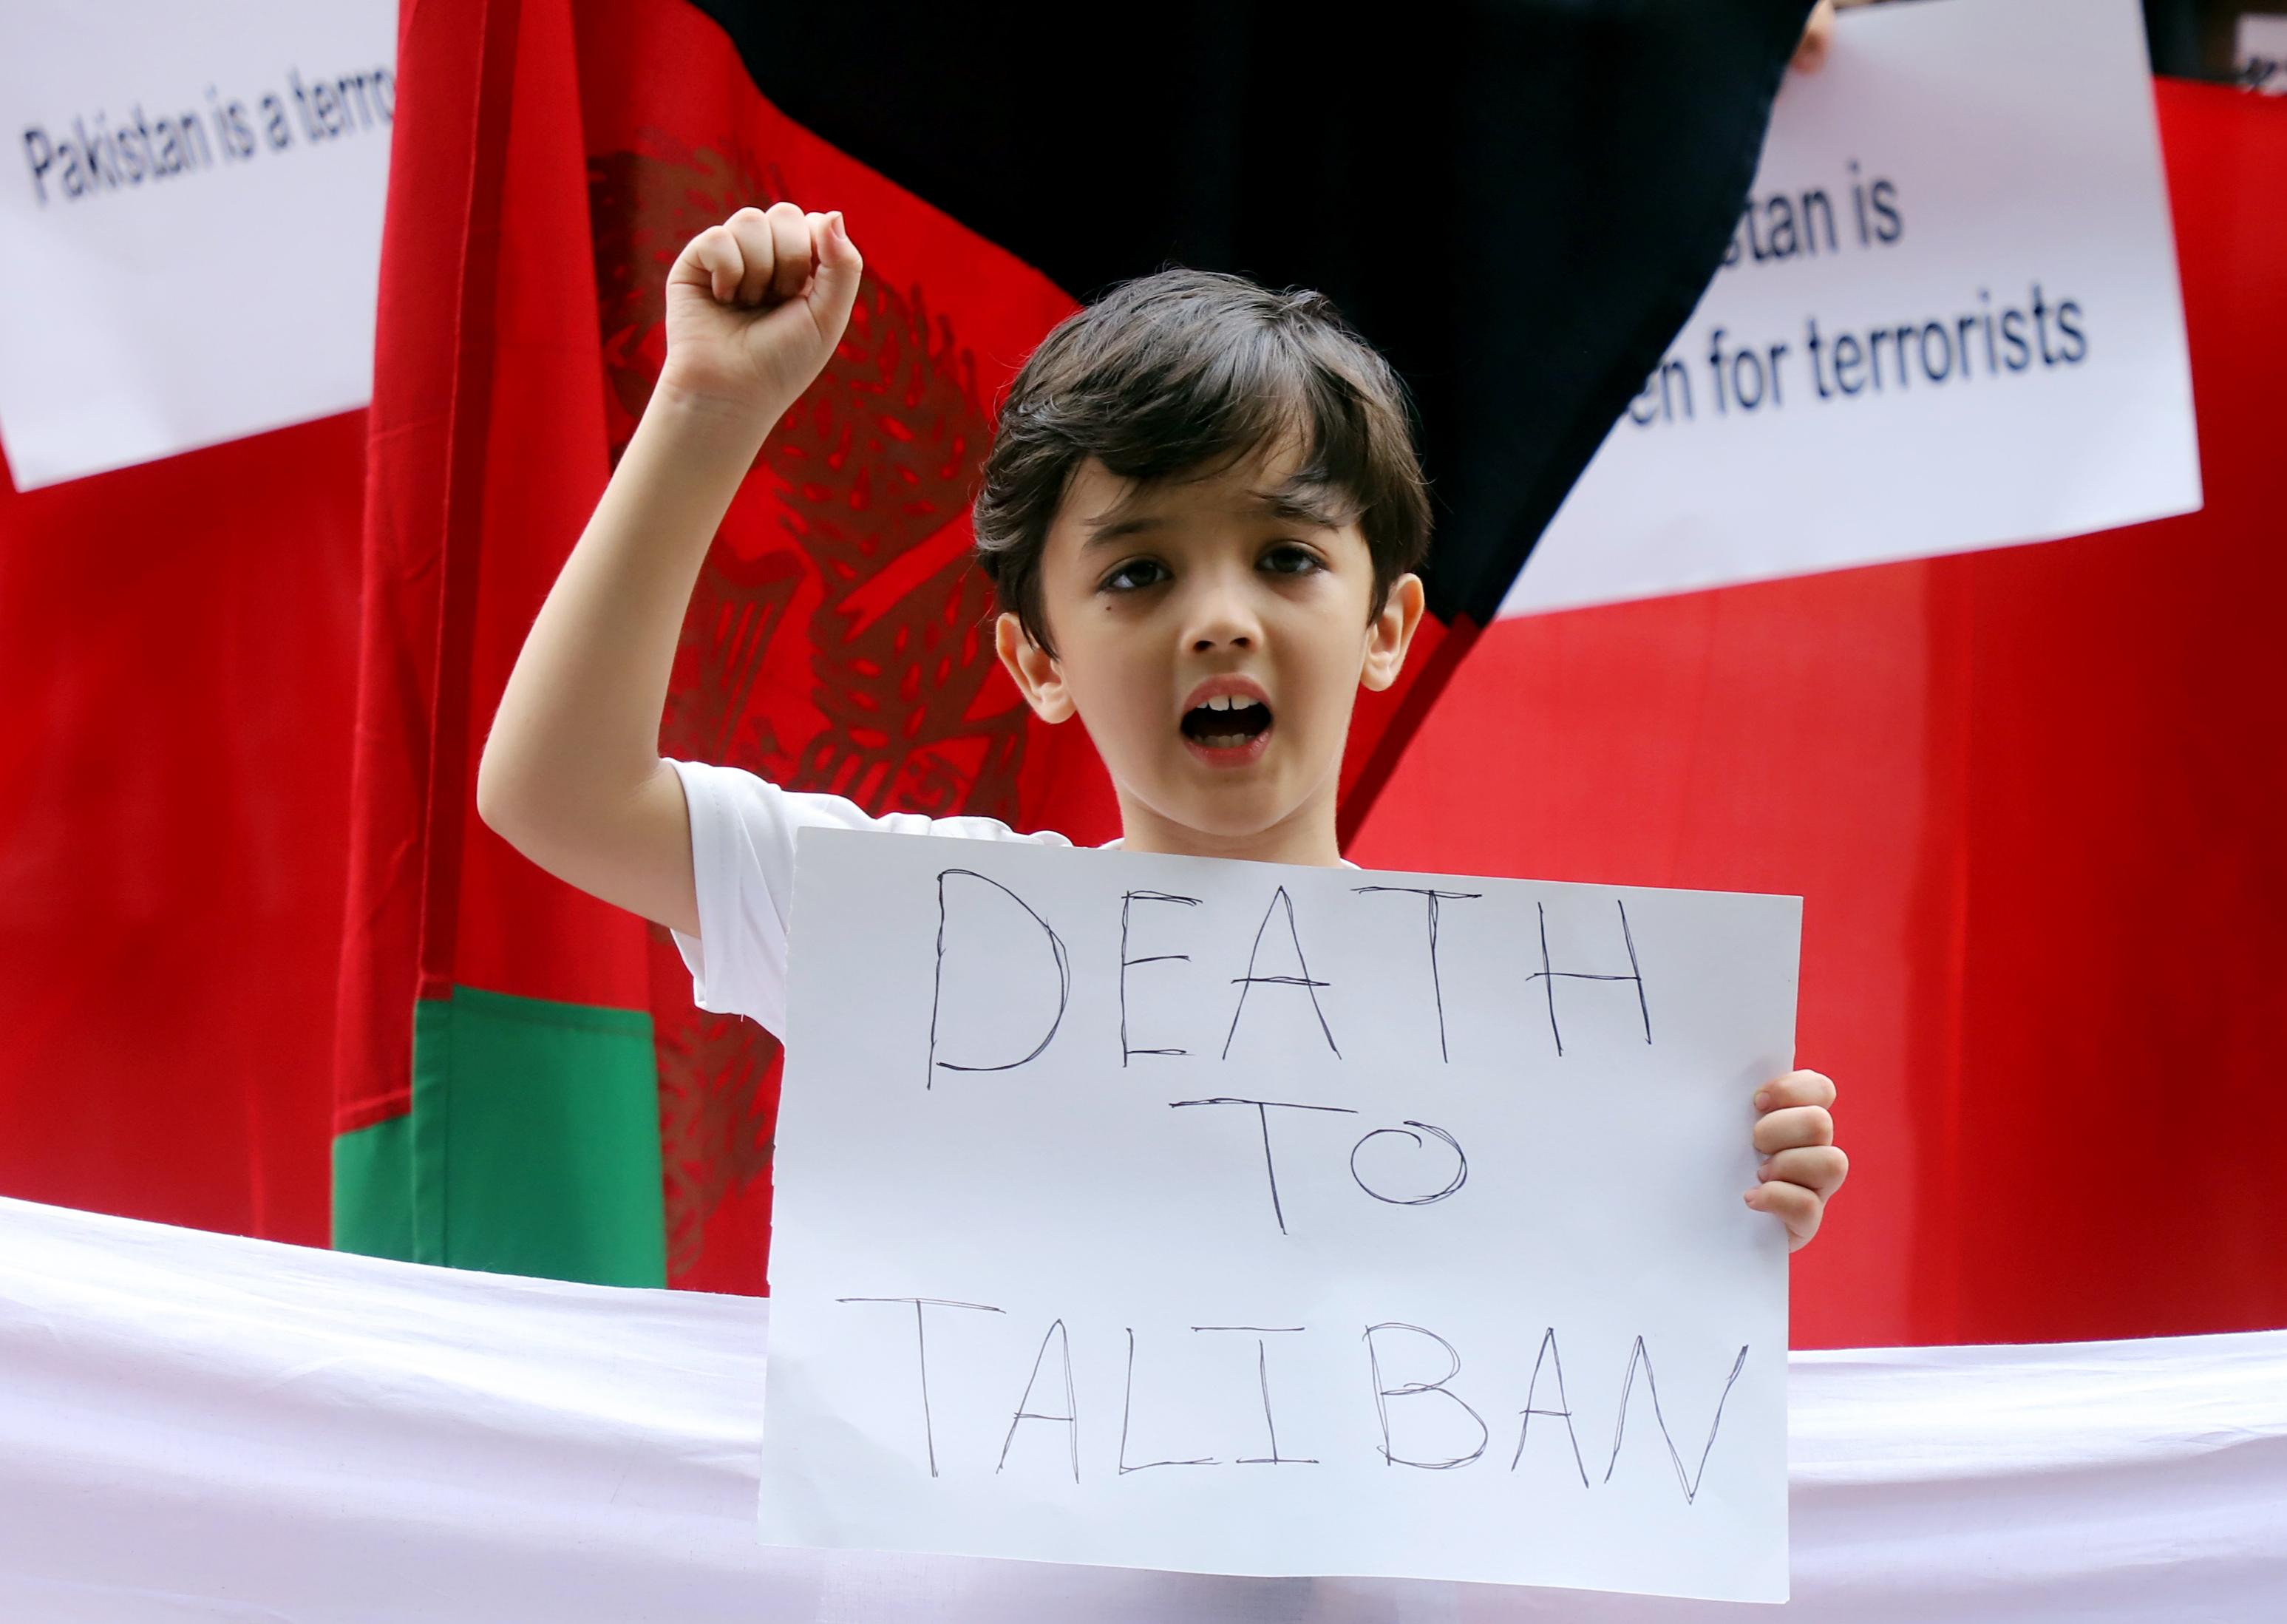 दिल्ली में हुए प्रदर्शन में एक अफगानी बच्चा तालिबान मुर्दाबाद के नारे लगाते हुए दिखा।